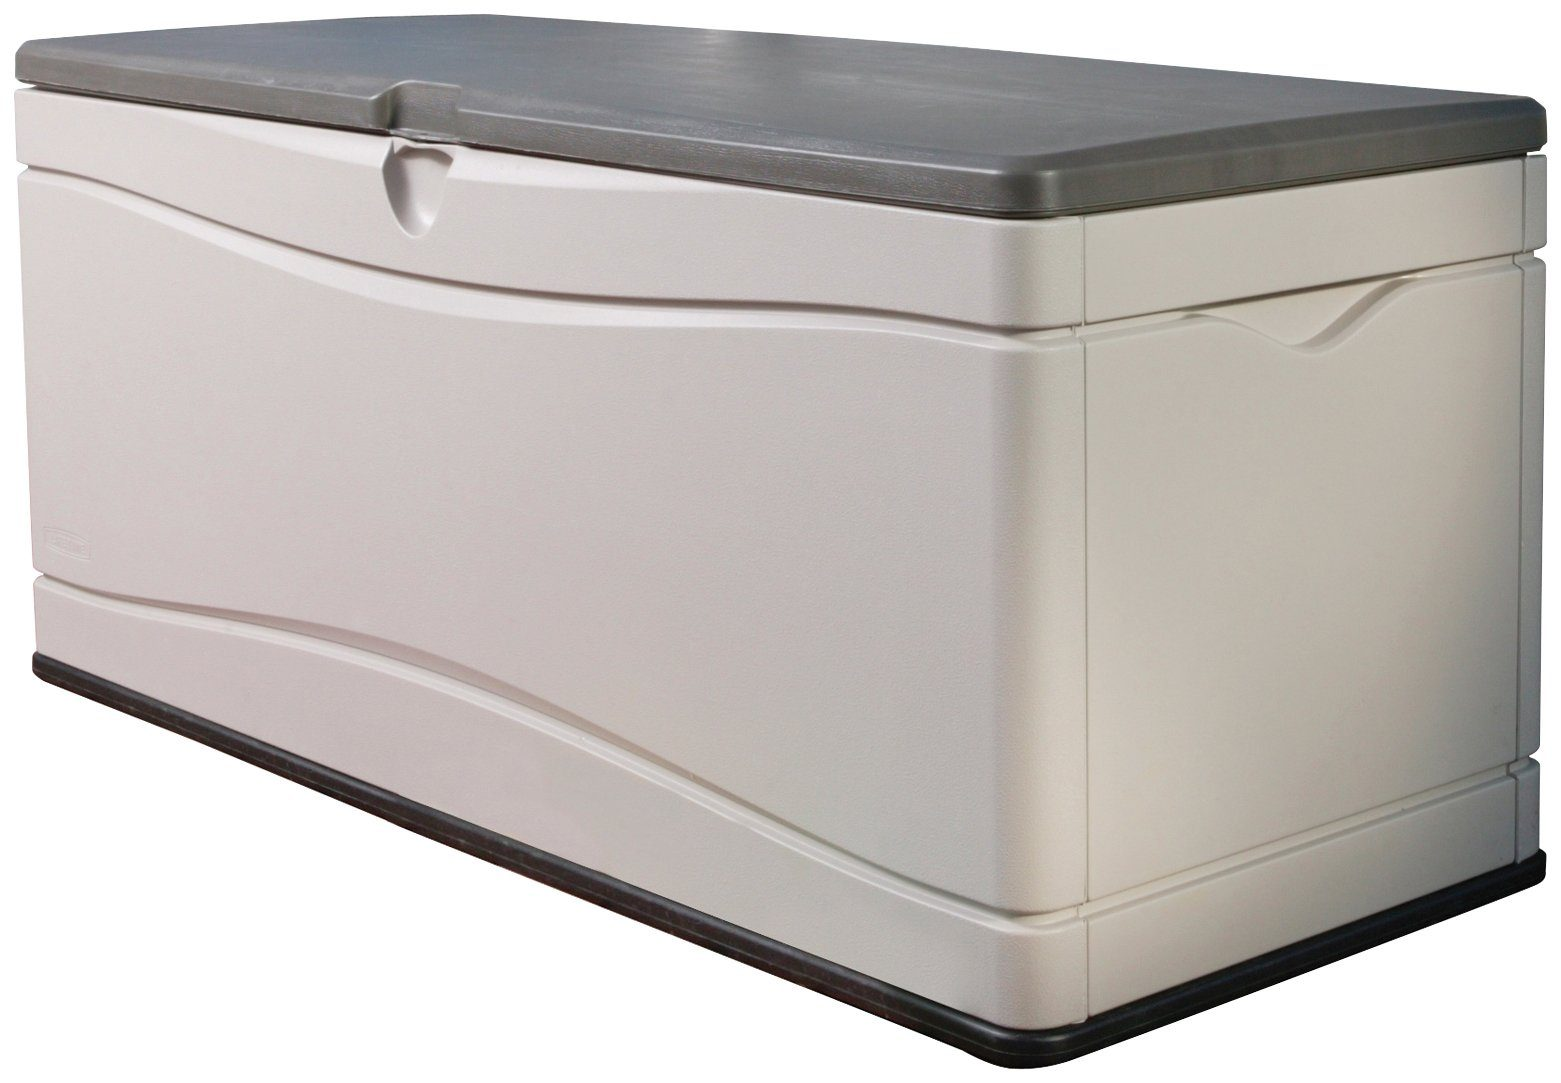 LIFETIME Aufbewahrungsbox »XXL«, aus Kunststoff, B/T/H: 153/61/66 cm